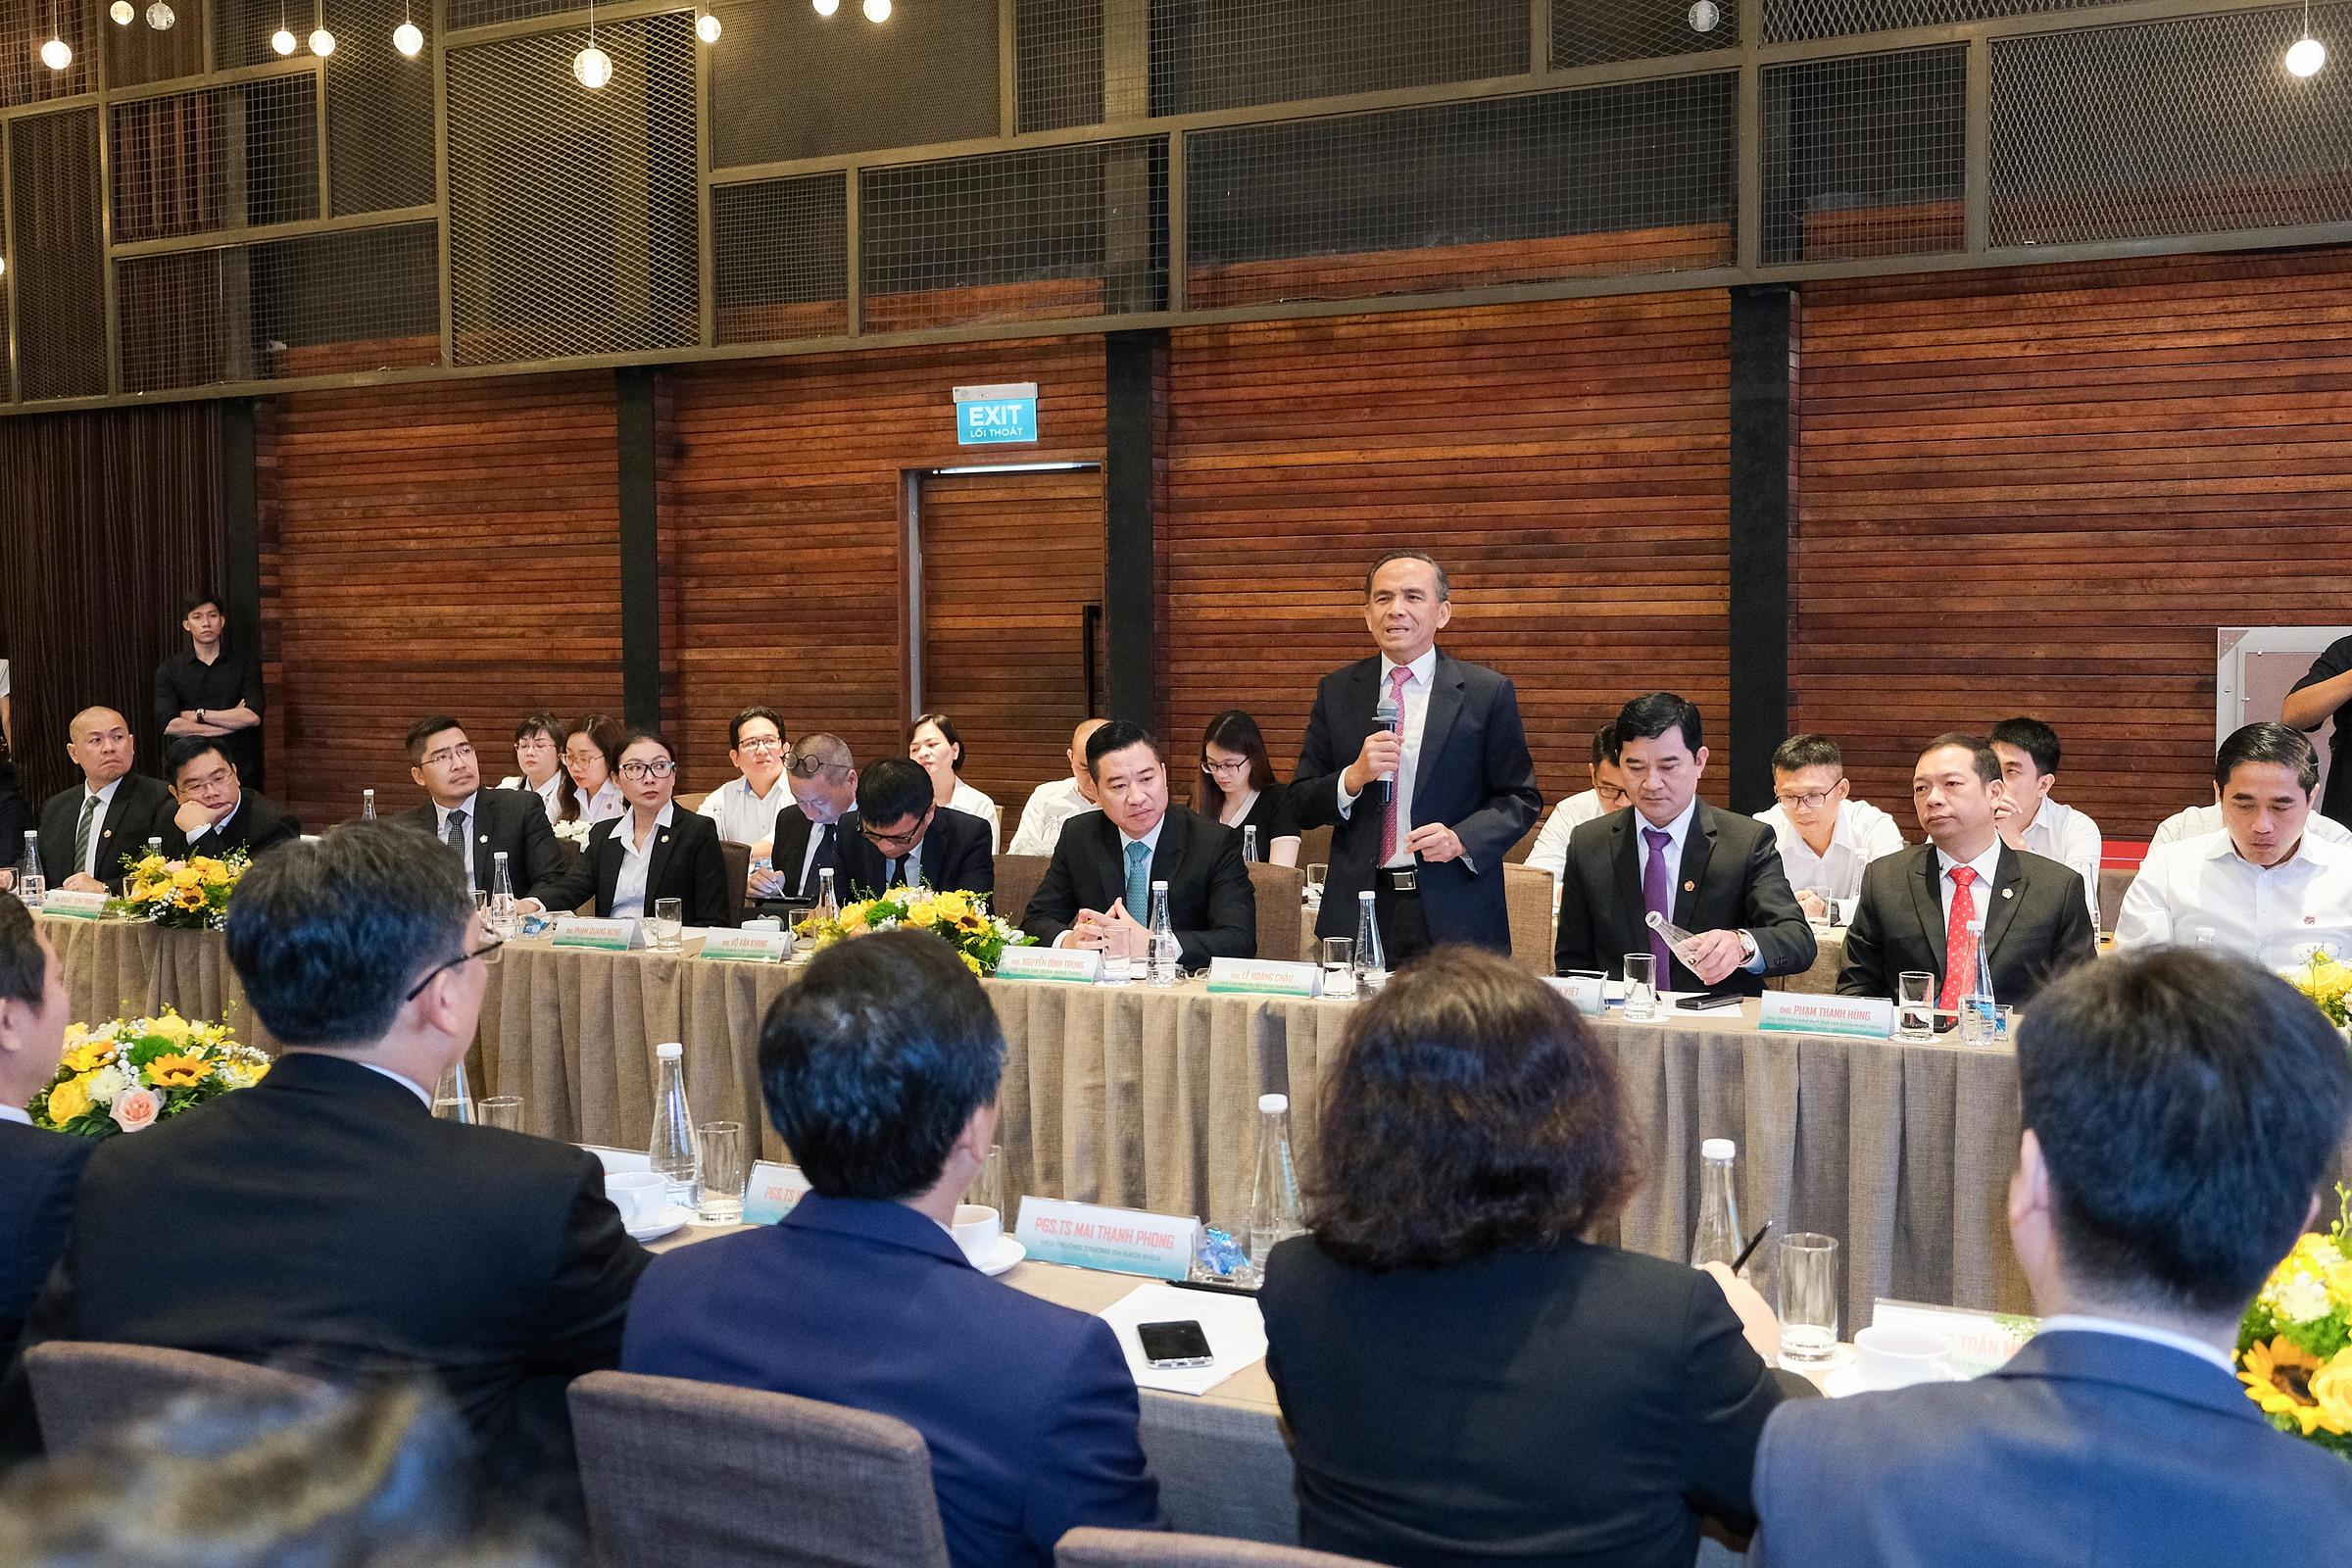 Ông Lê Hoàng Châu - Chủ tịch Hiệp hội Bất động sản TP HCM dự sự kiện ký kết và góp ý trong phiên thảo luận hợp tác. Ảnh: Tập đoàn Hưng Thịnh.